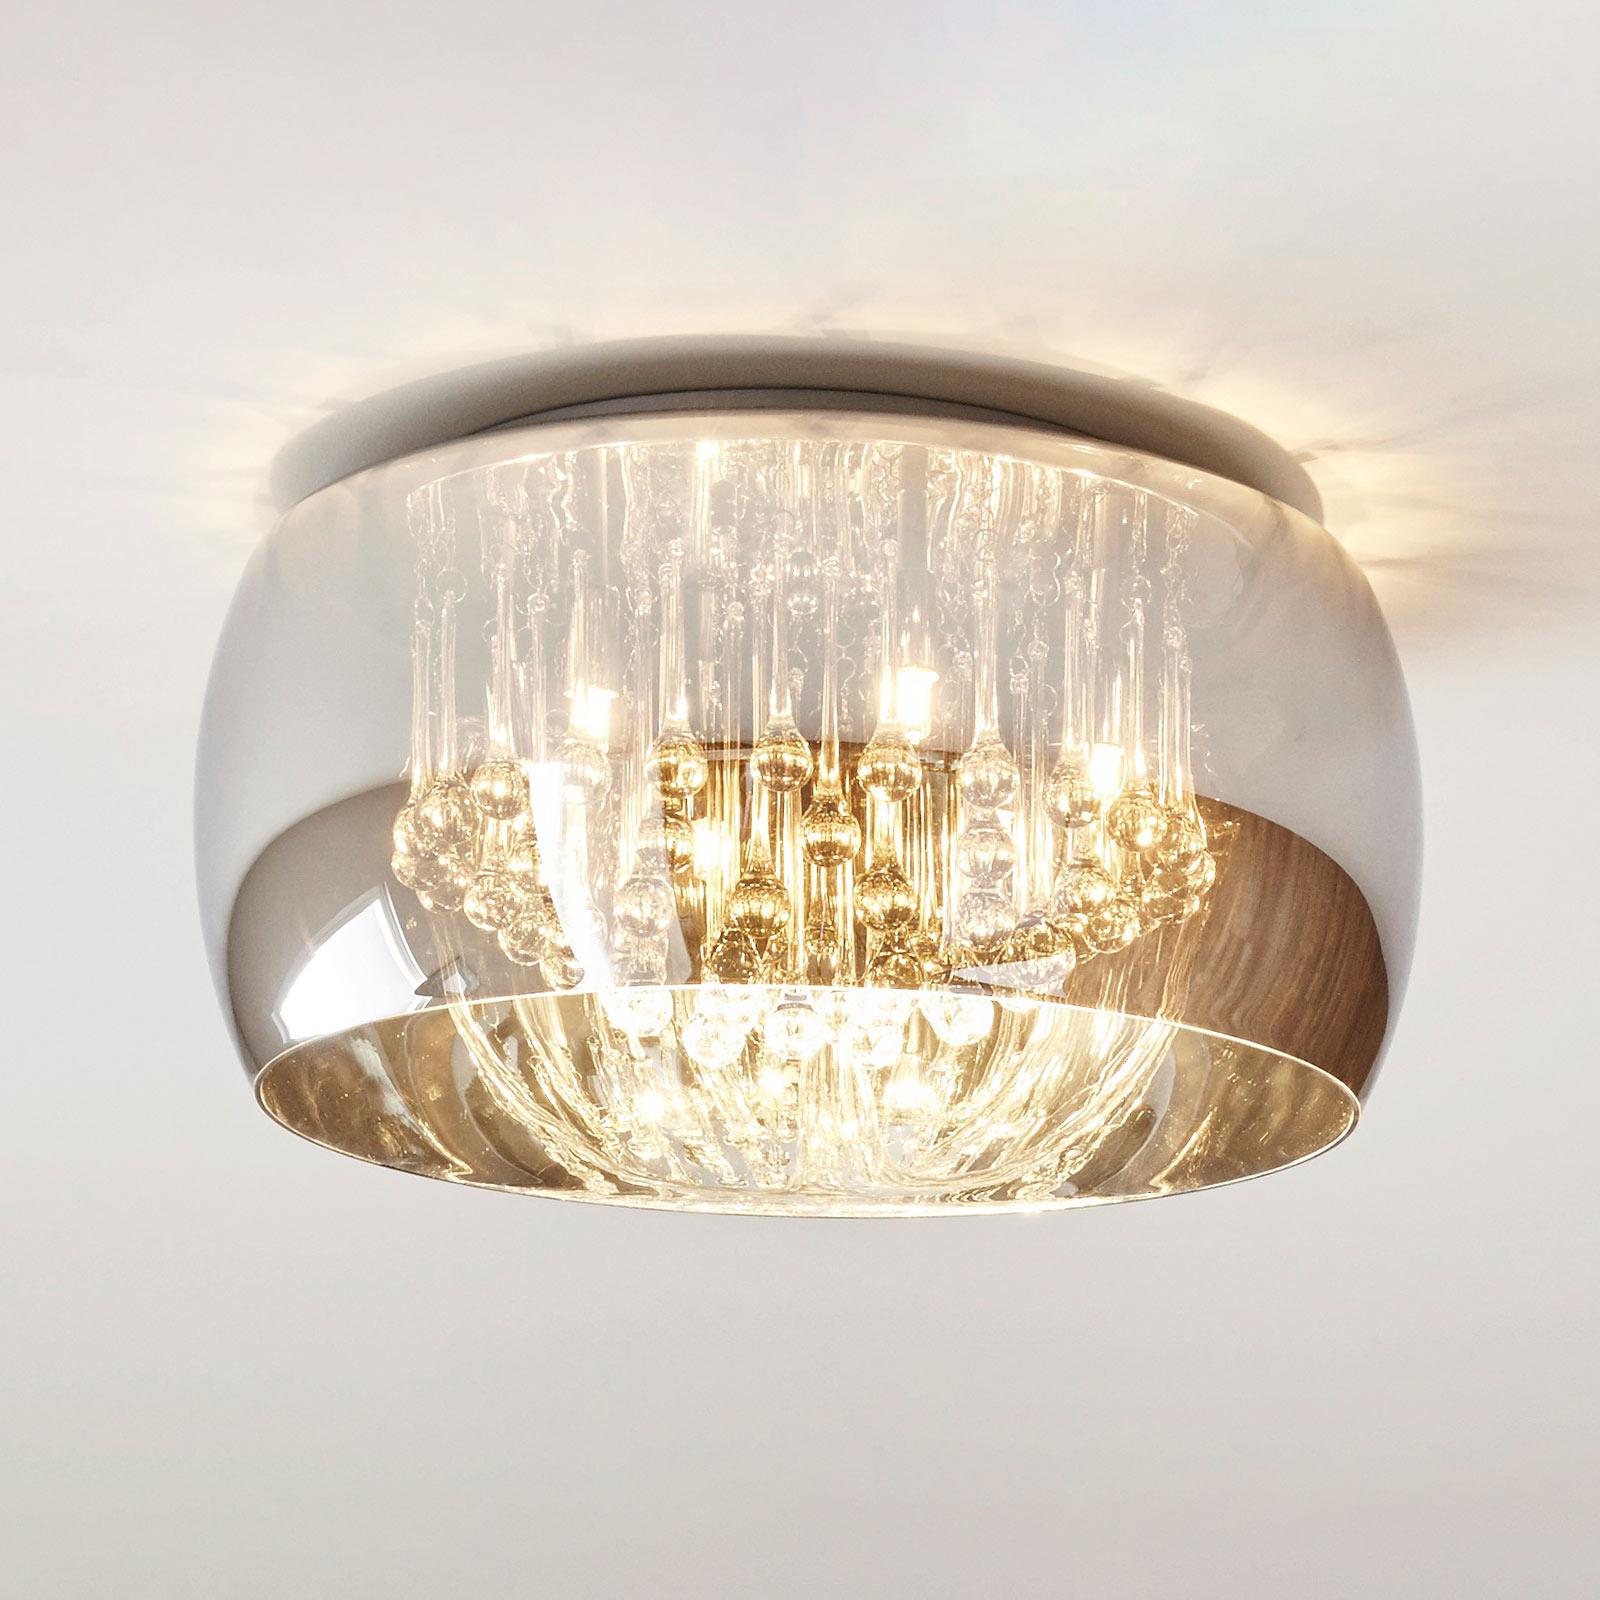 Lampa sufitowa Pearl ze szkła, Ø 50 cm